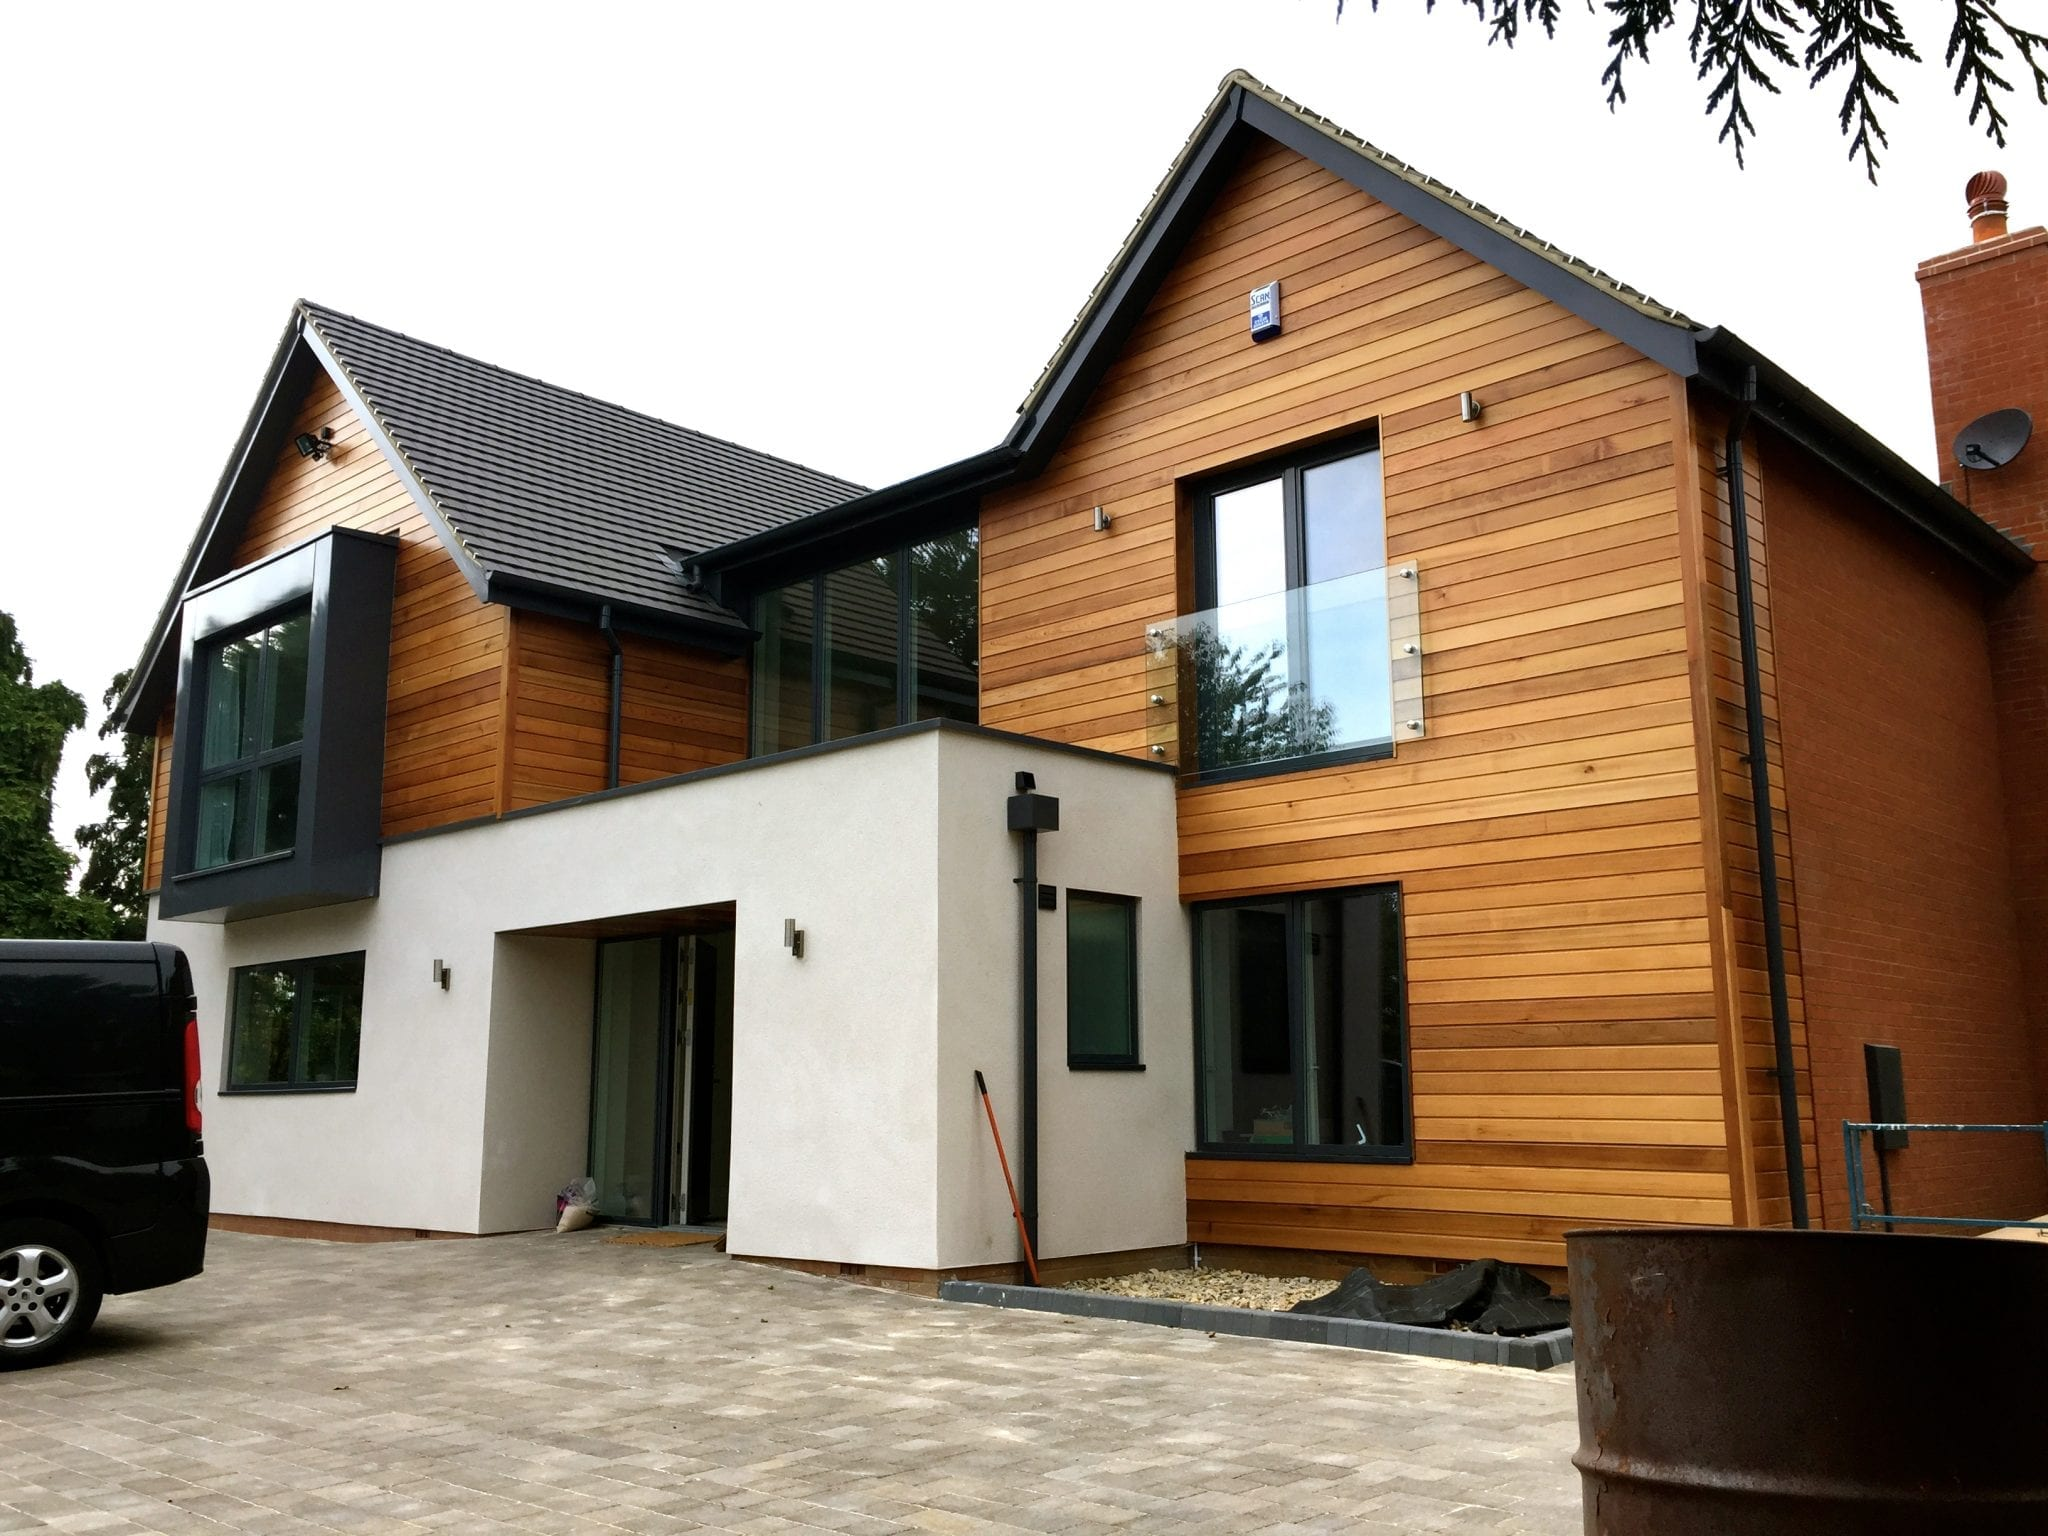 Loddington house nears completion…